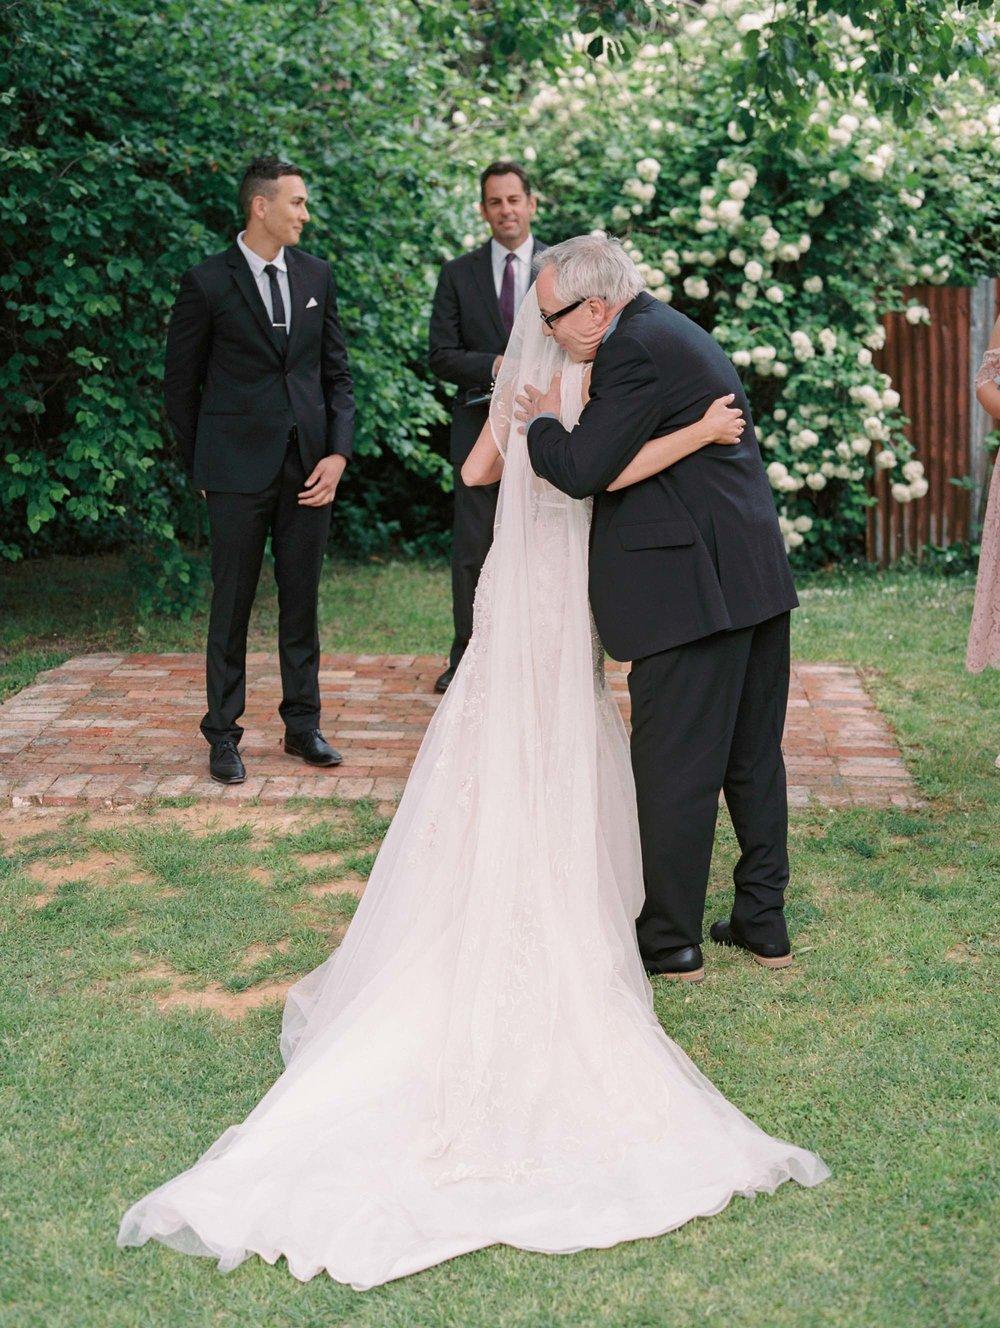 Whitehouse-hahndorf-wedding-photography-042.jpg